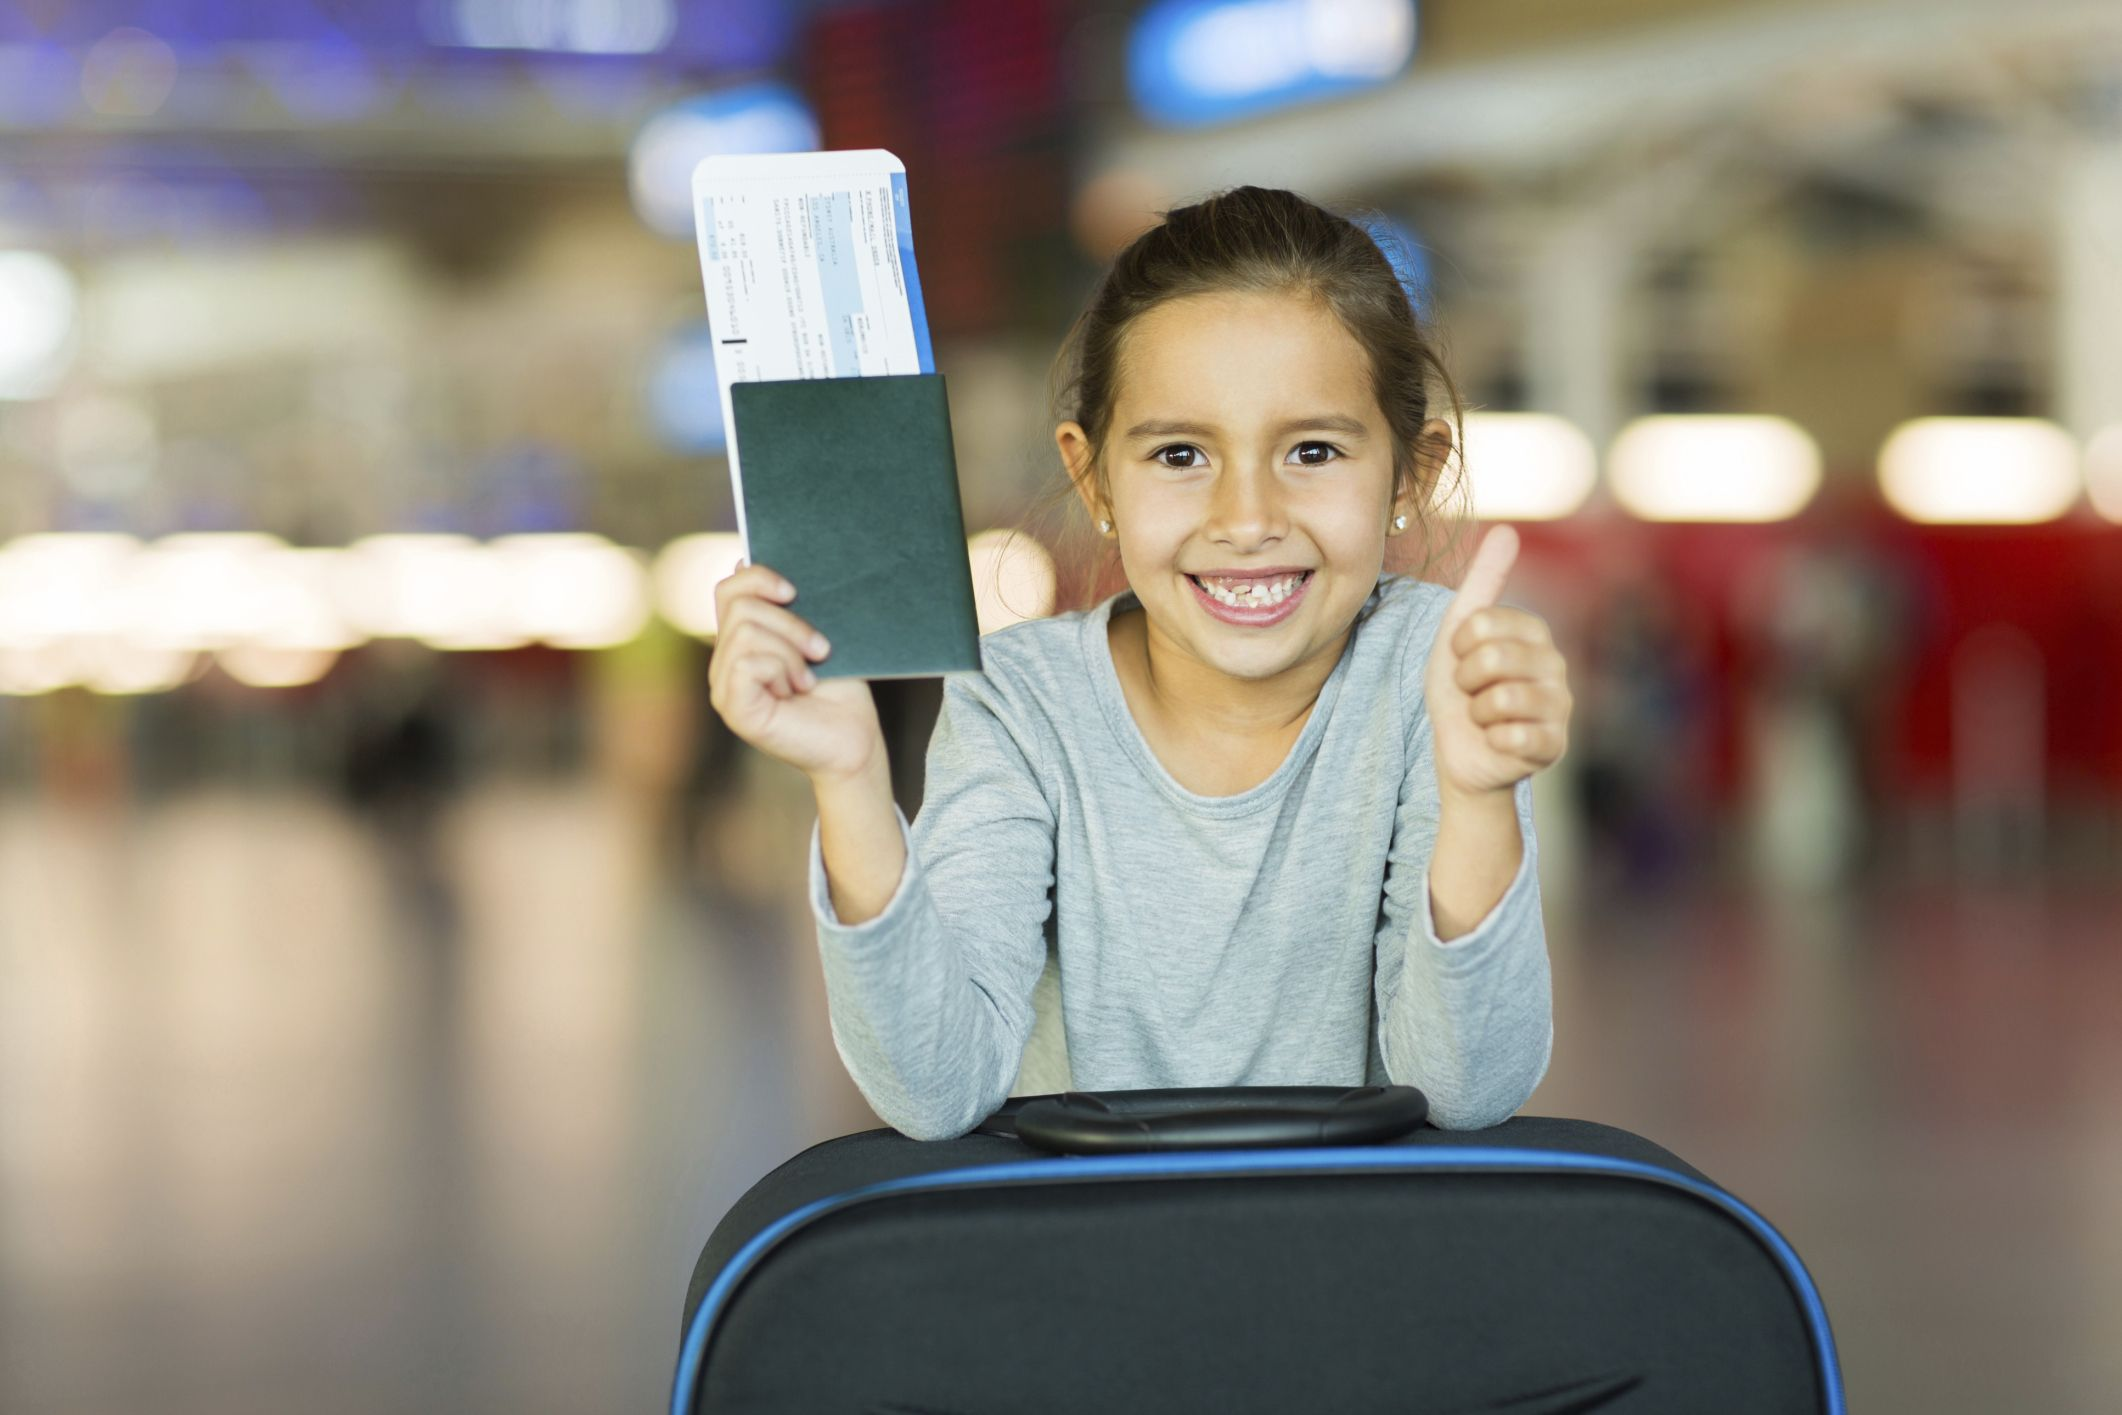 Bambini non accompagnati in aereo, come funziona